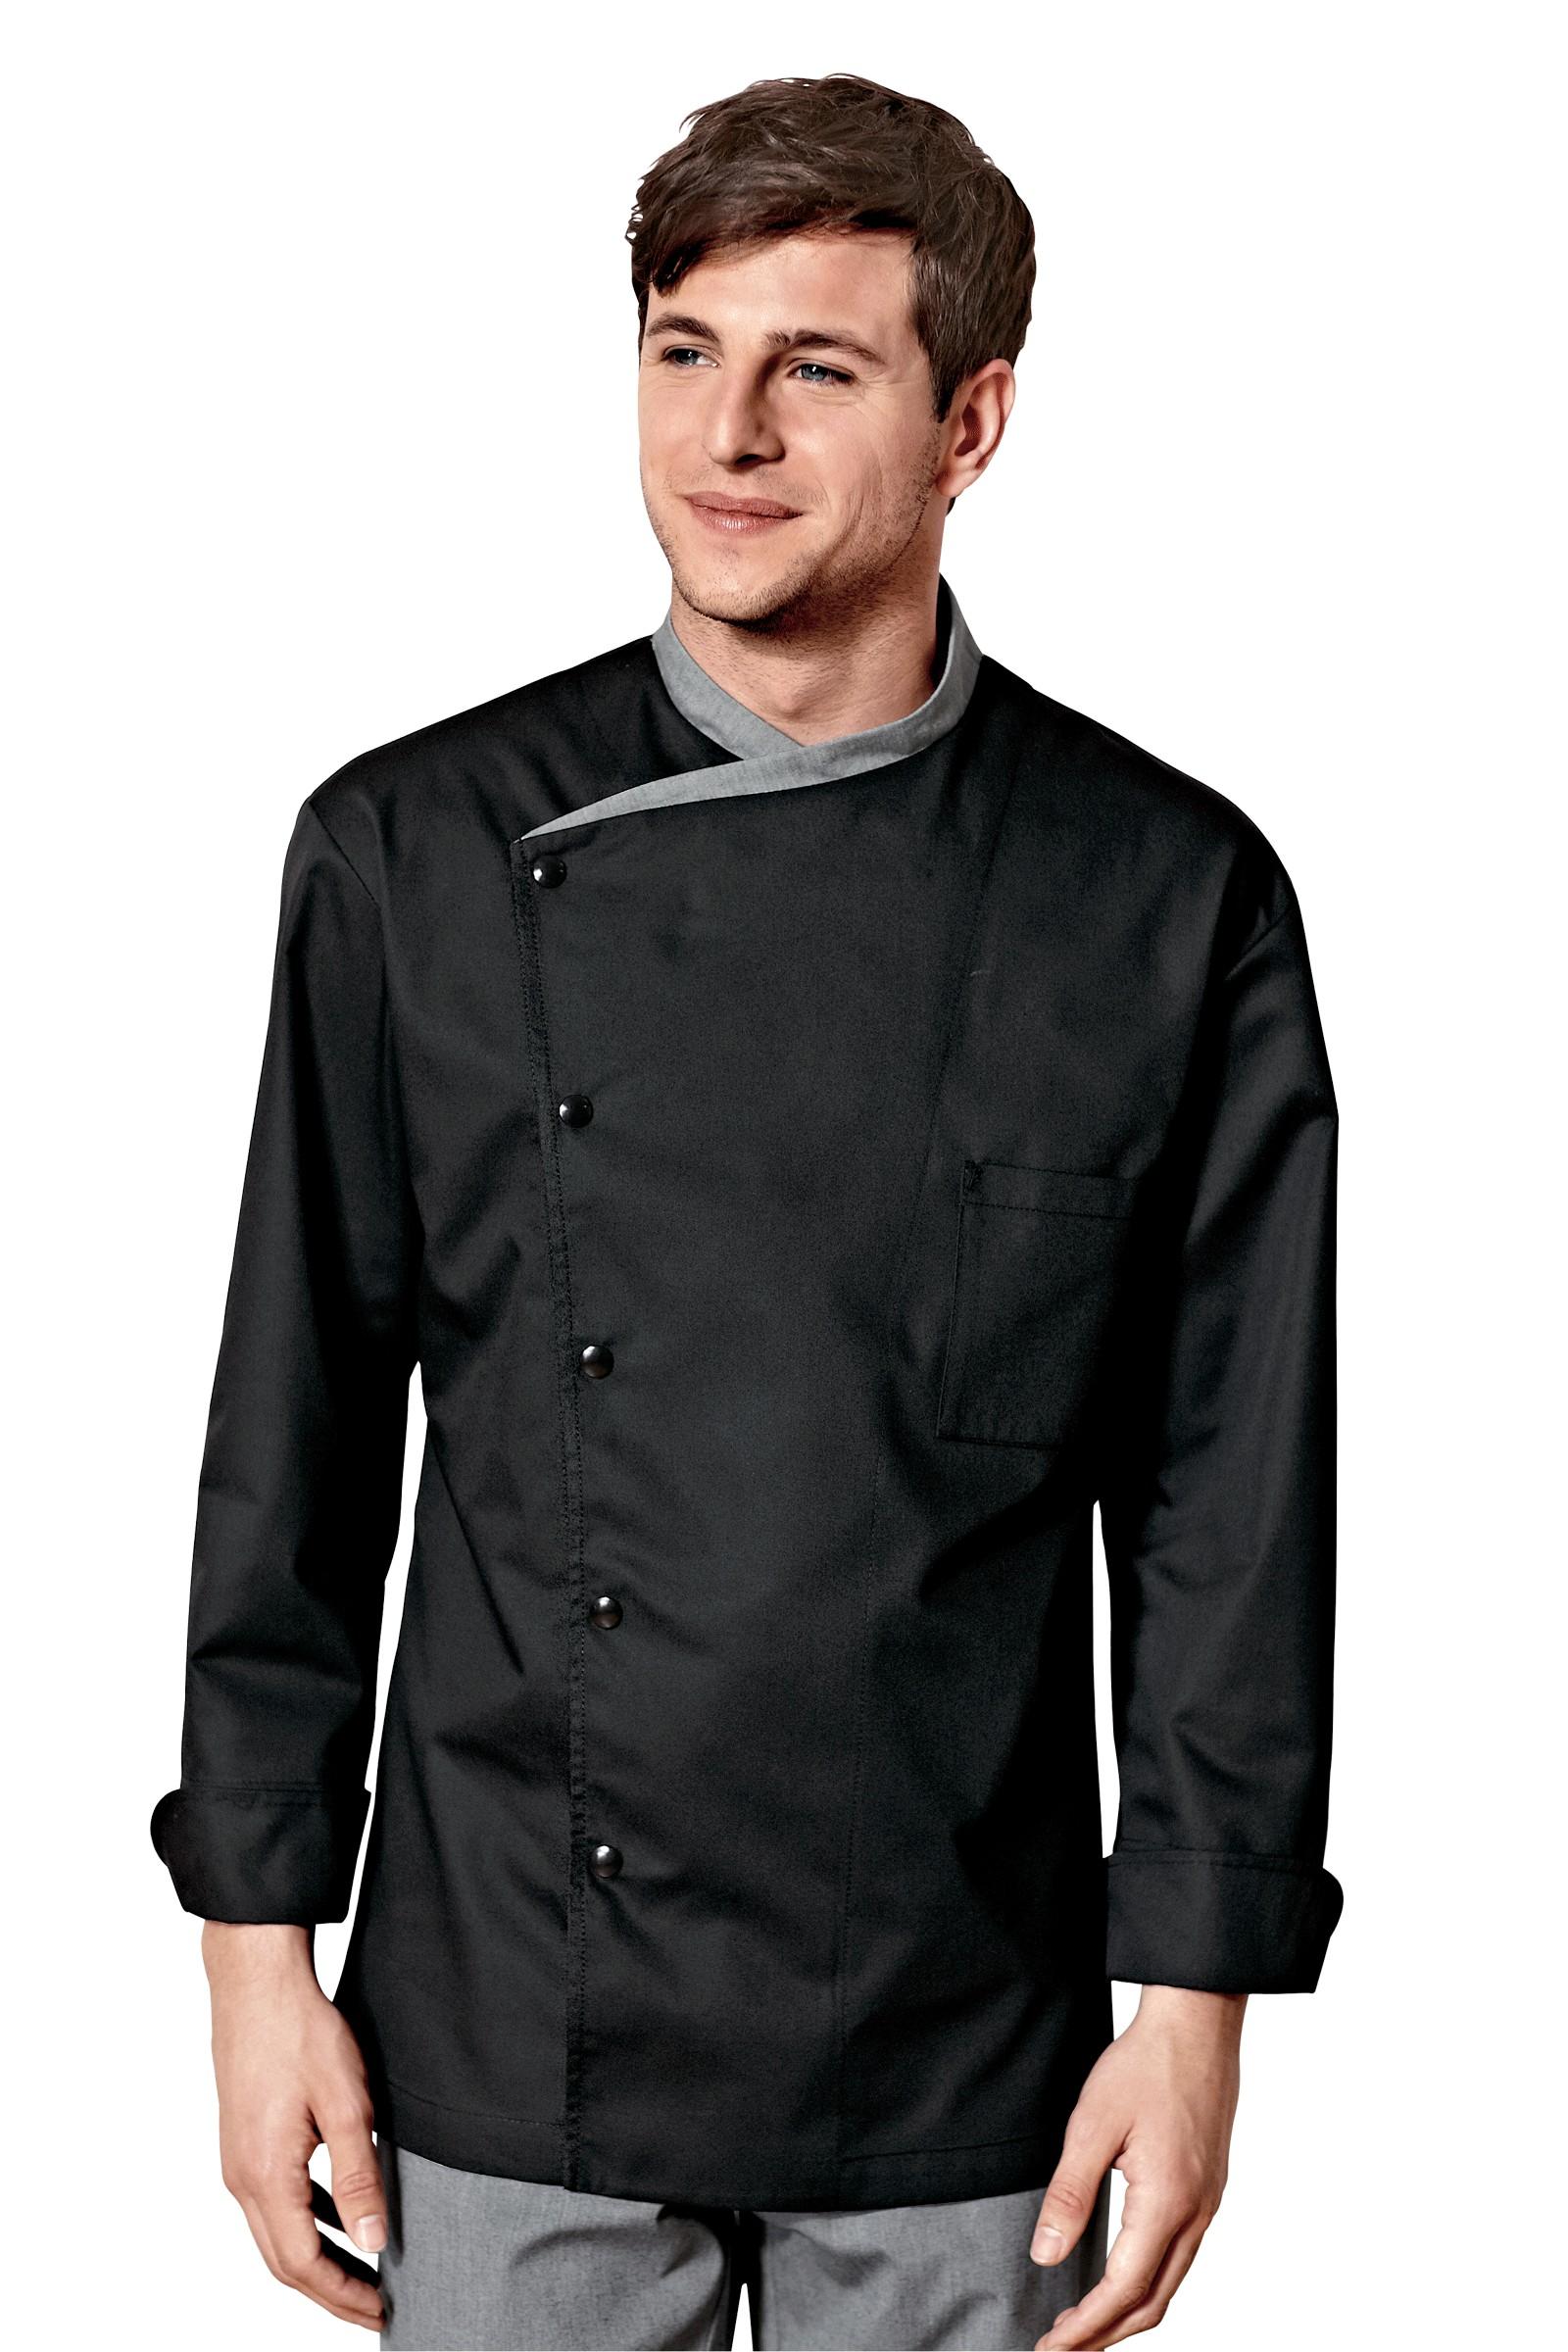 Chaquetillas de cocina juliuso negro - Chaquetillas de cocina ...